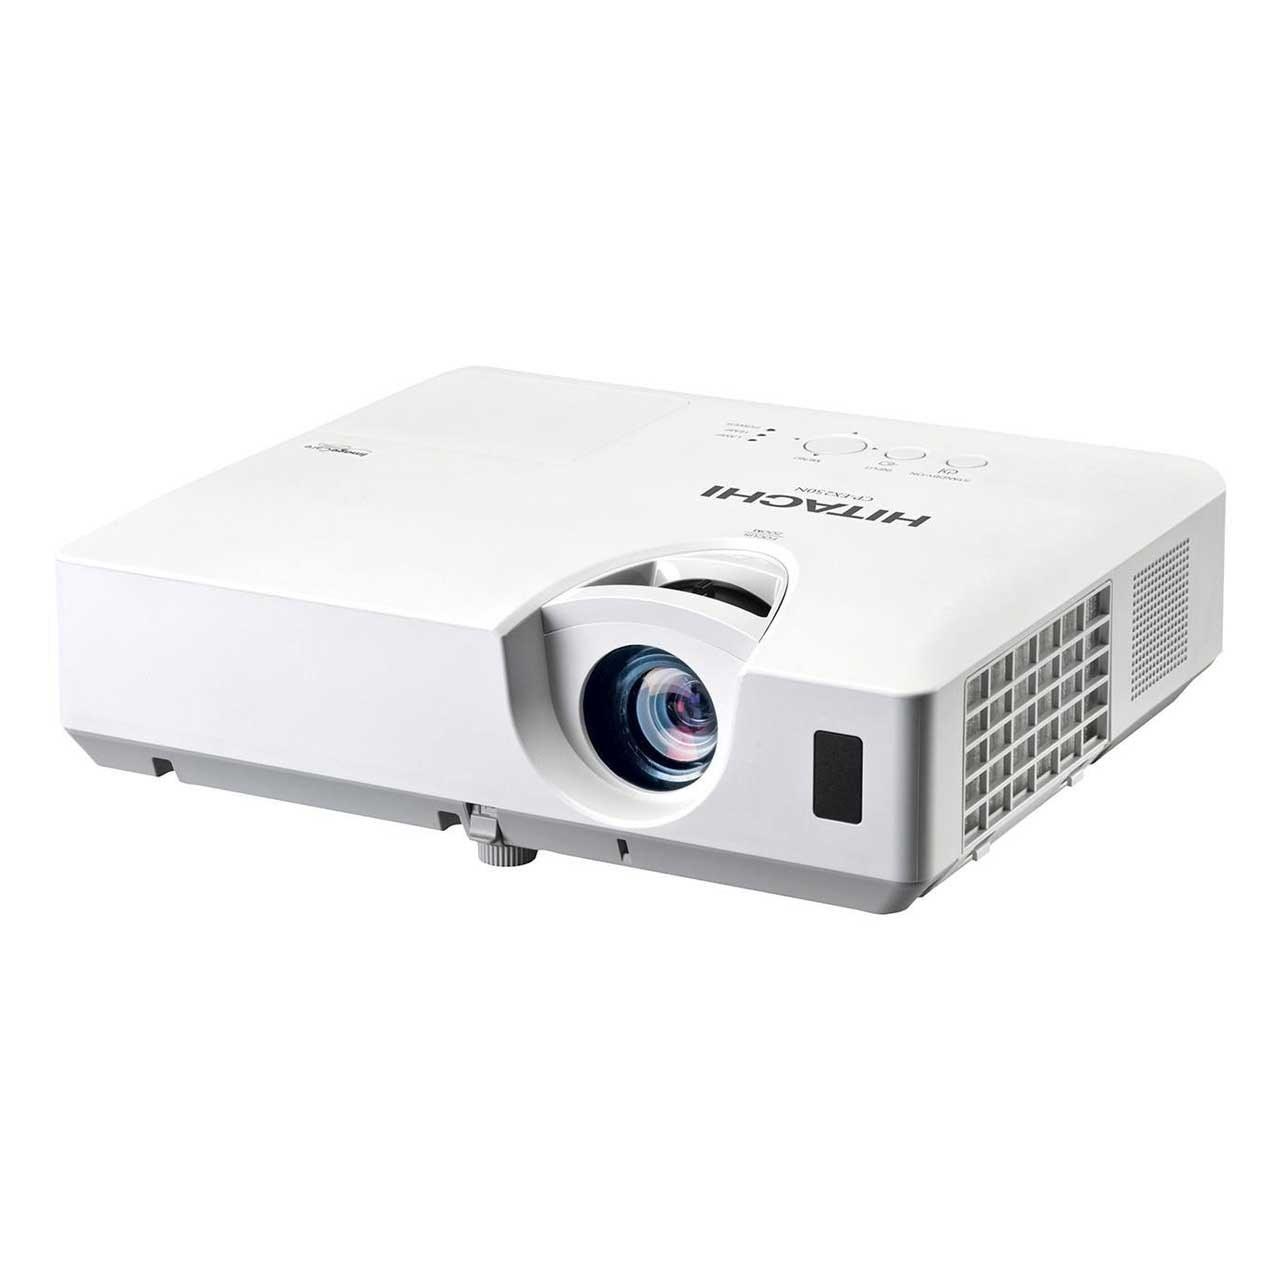 تصویر ویدئو پروژکتور برند Hitachi مدل CP-X252N